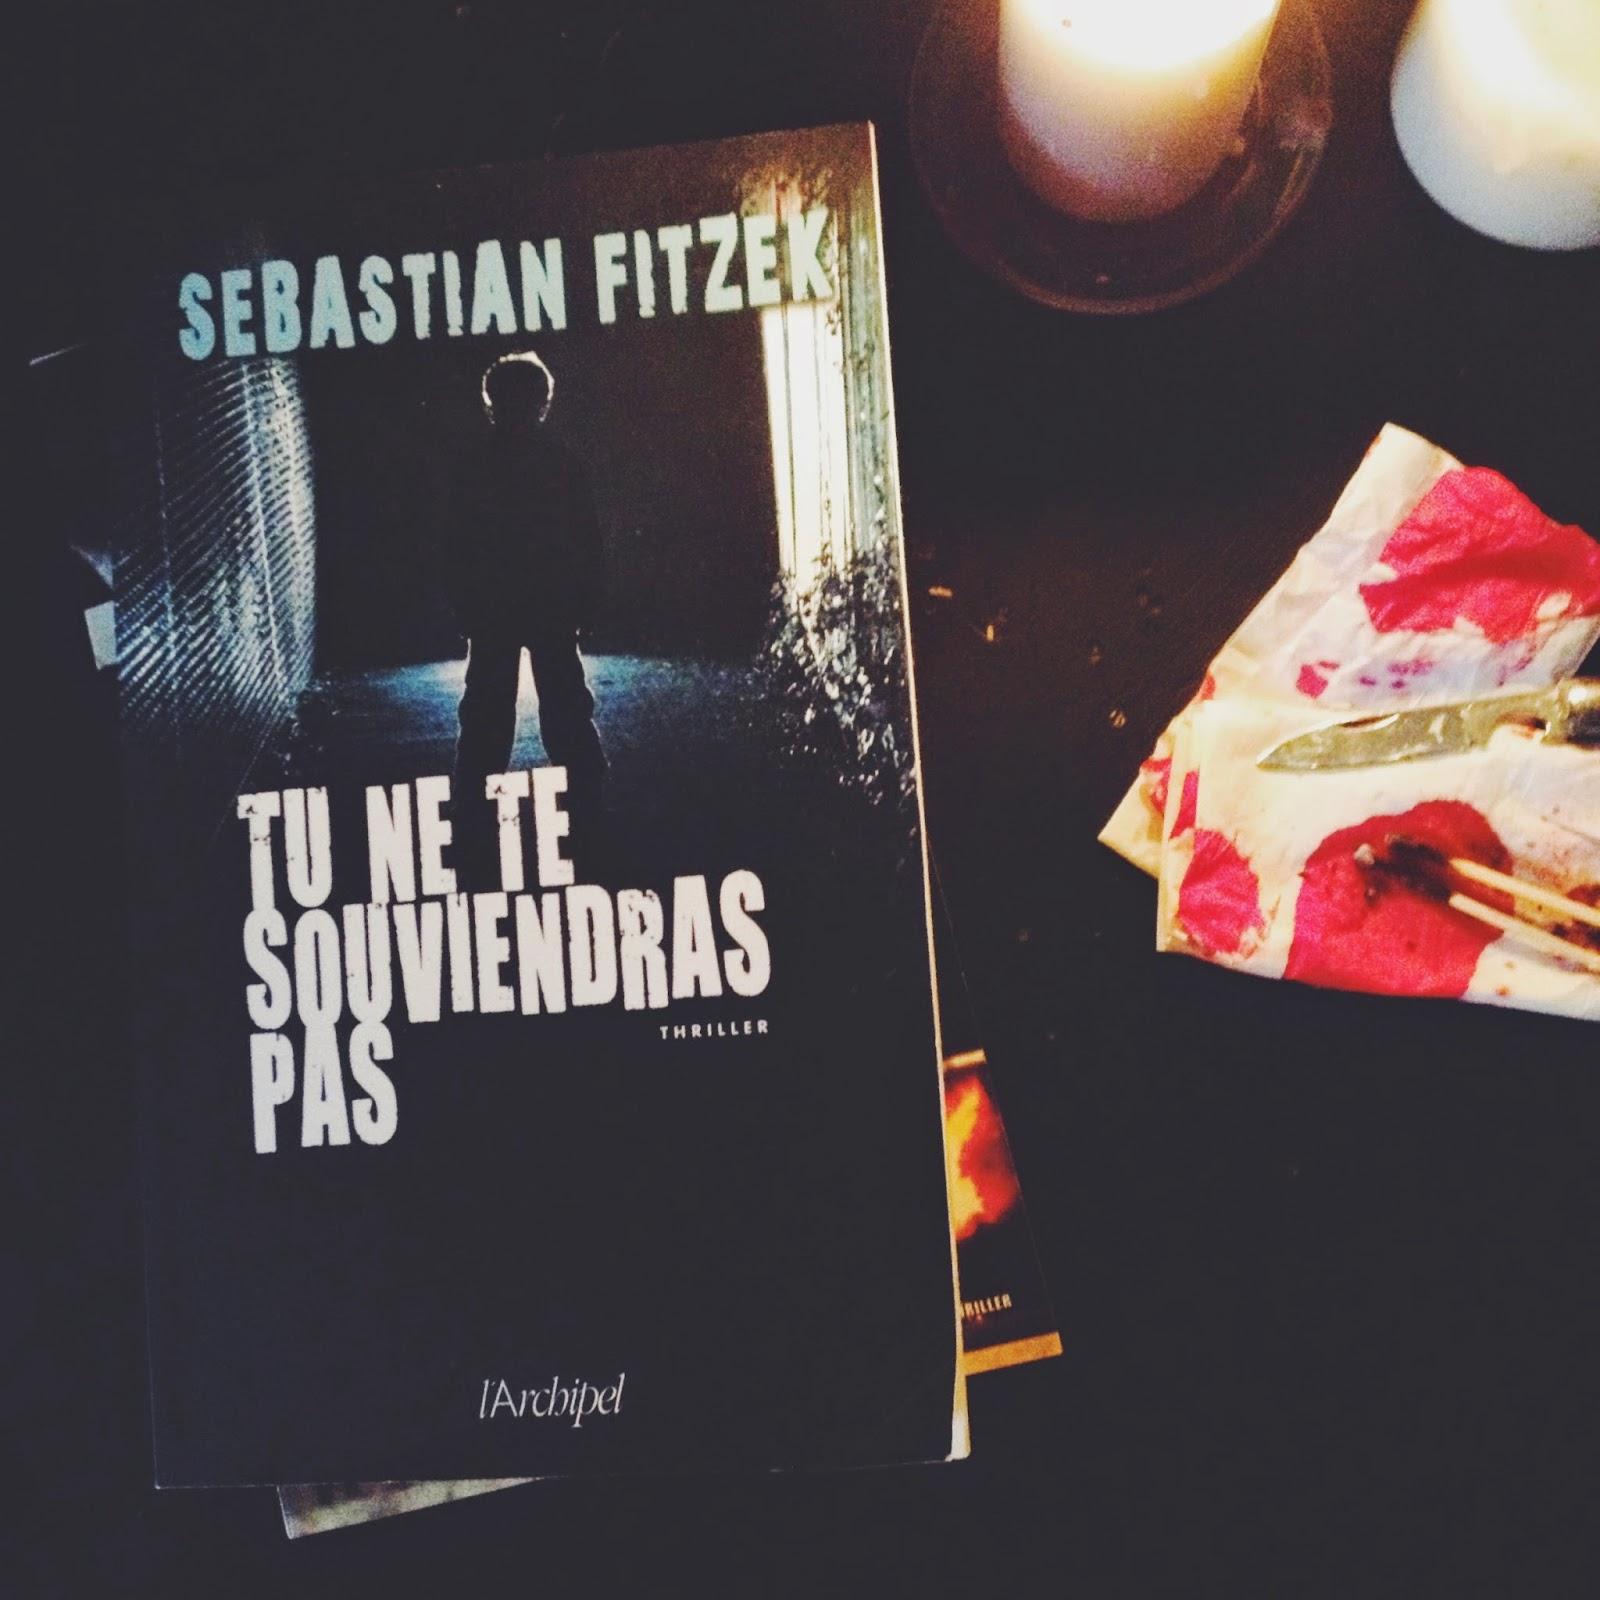 Tu ne te souviendras pas Sebastian Fitzek